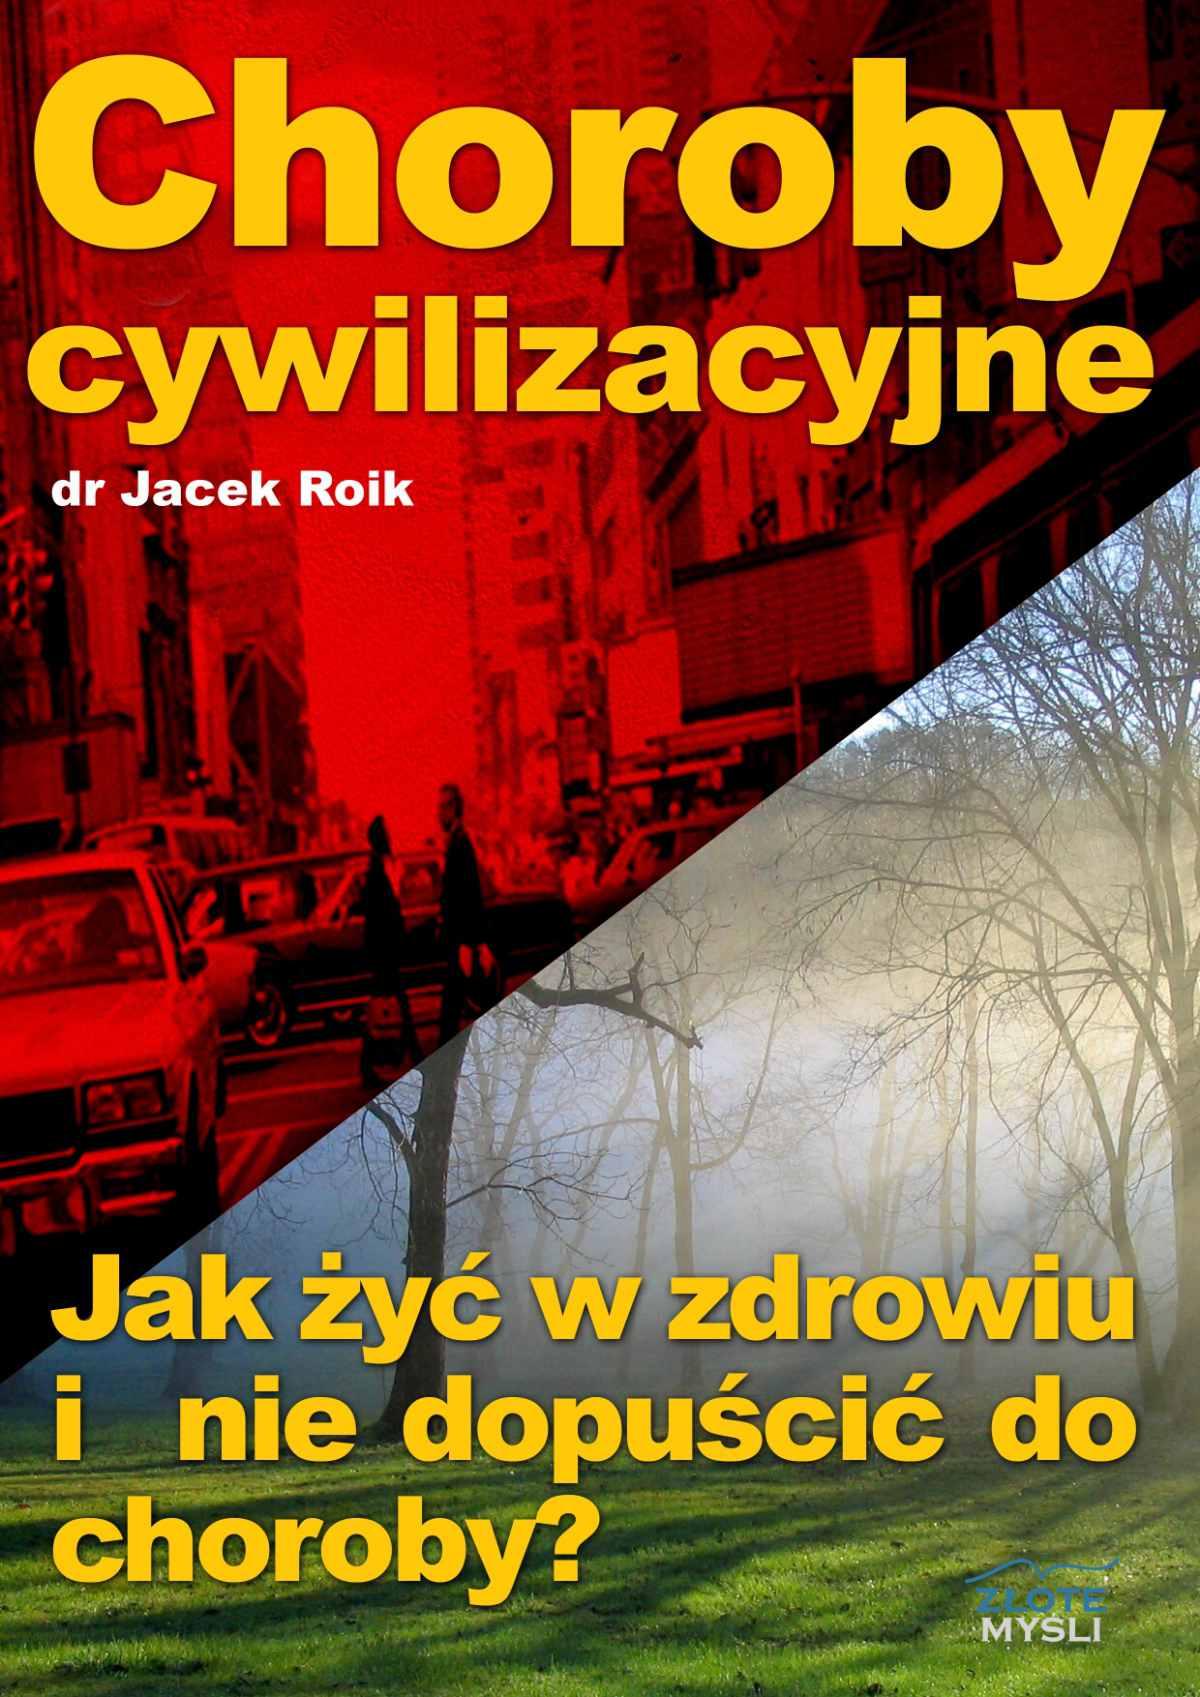 Choroby cywilizacyjne - Ebook (Książka PDF) do pobrania w formacie PDF